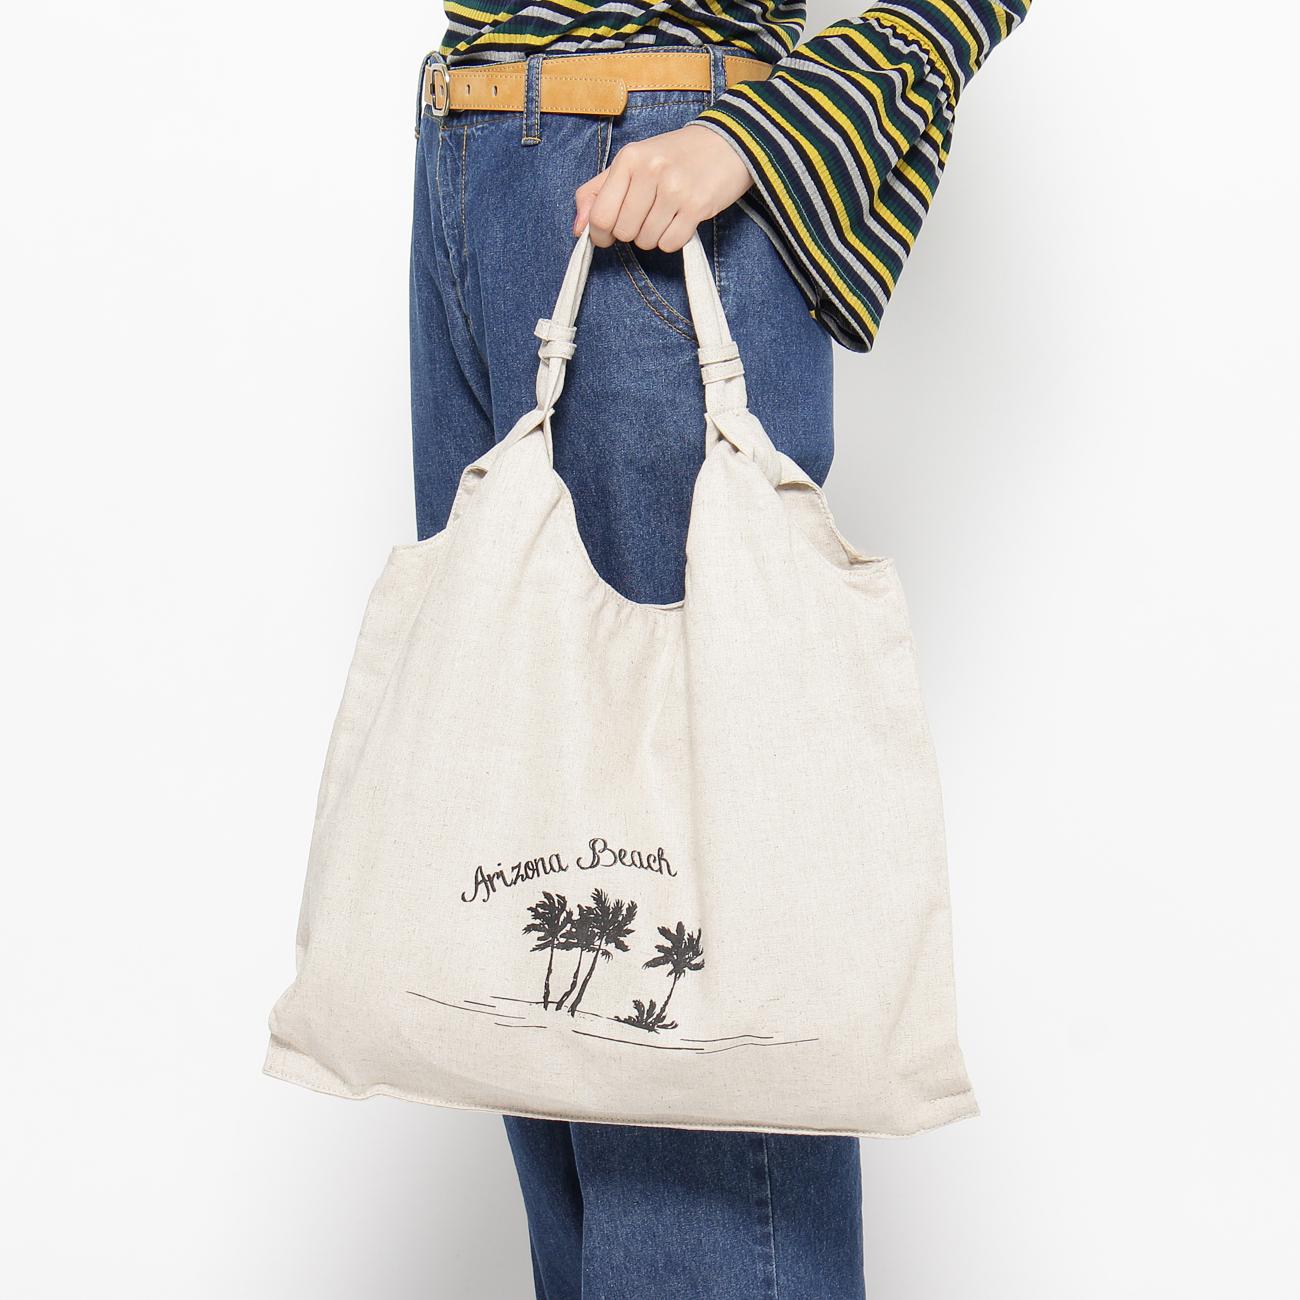 【THE EMPORIUM (ジエンポリアム)】サマーキャンバストートレディース バッグ|トートバッグ ホワイト系